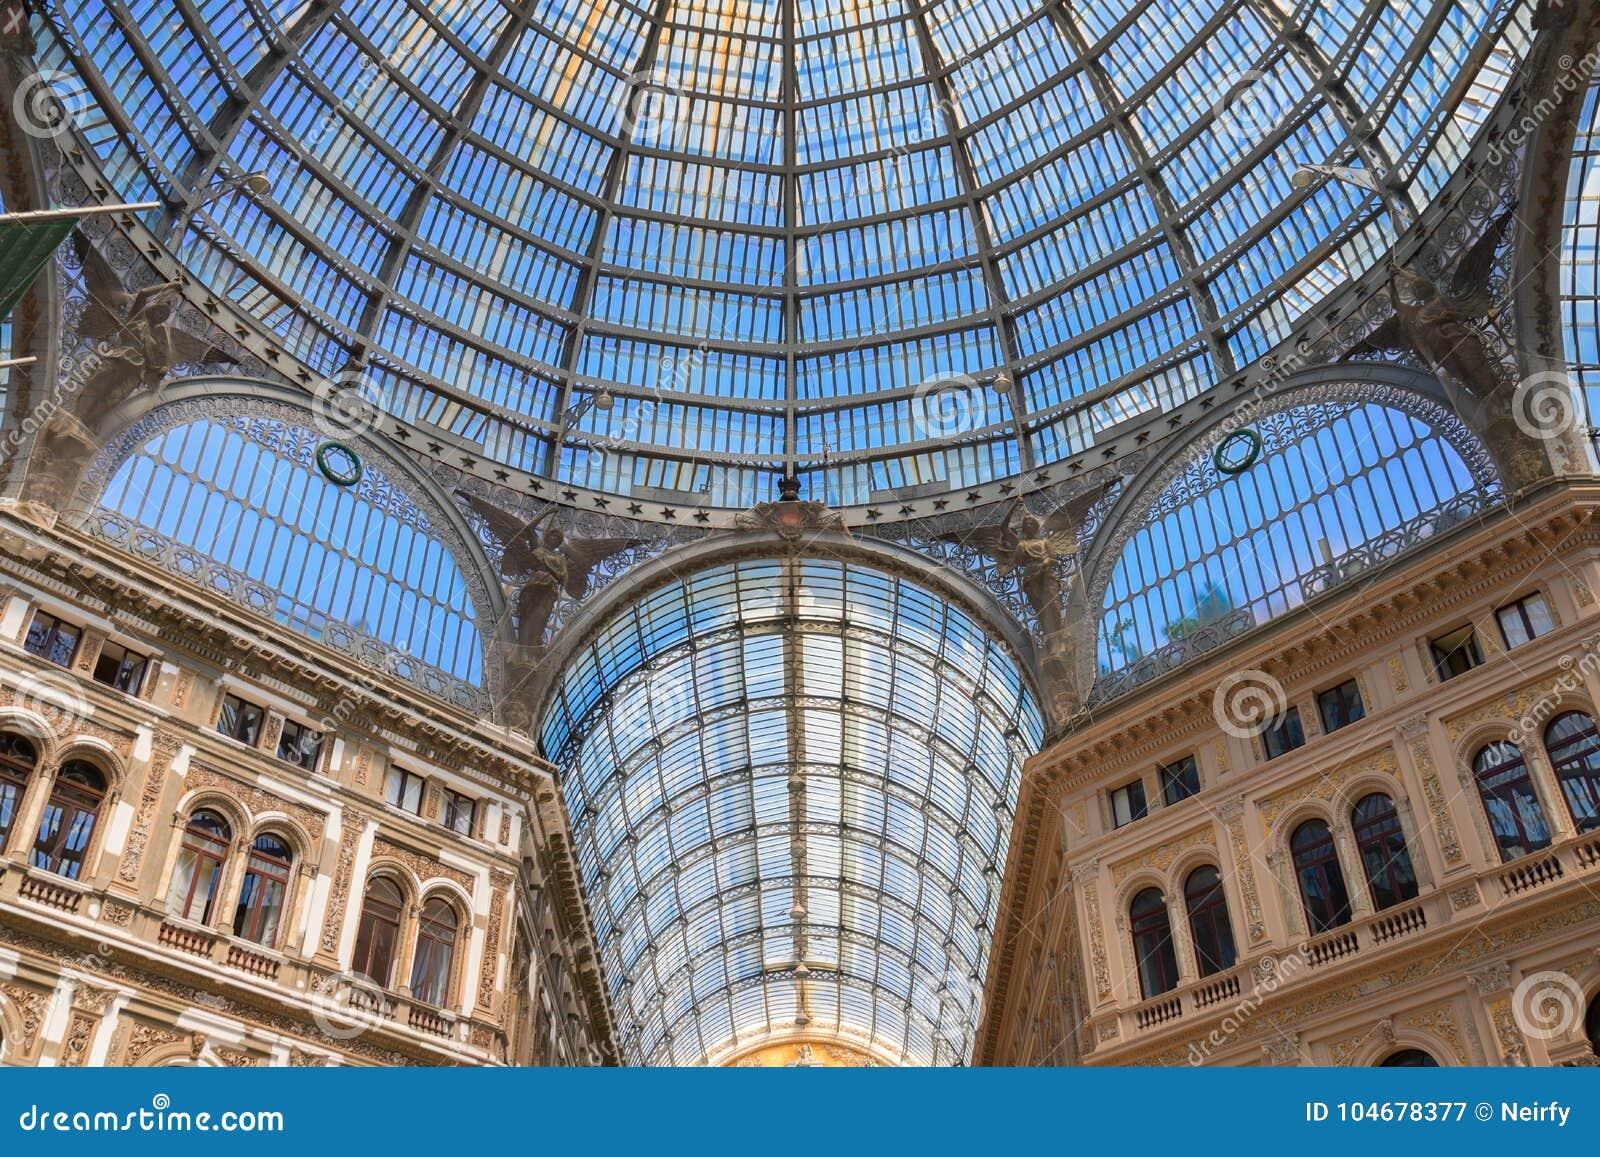 Galeria Umberto mim, galeria pública da compra em Nápoles